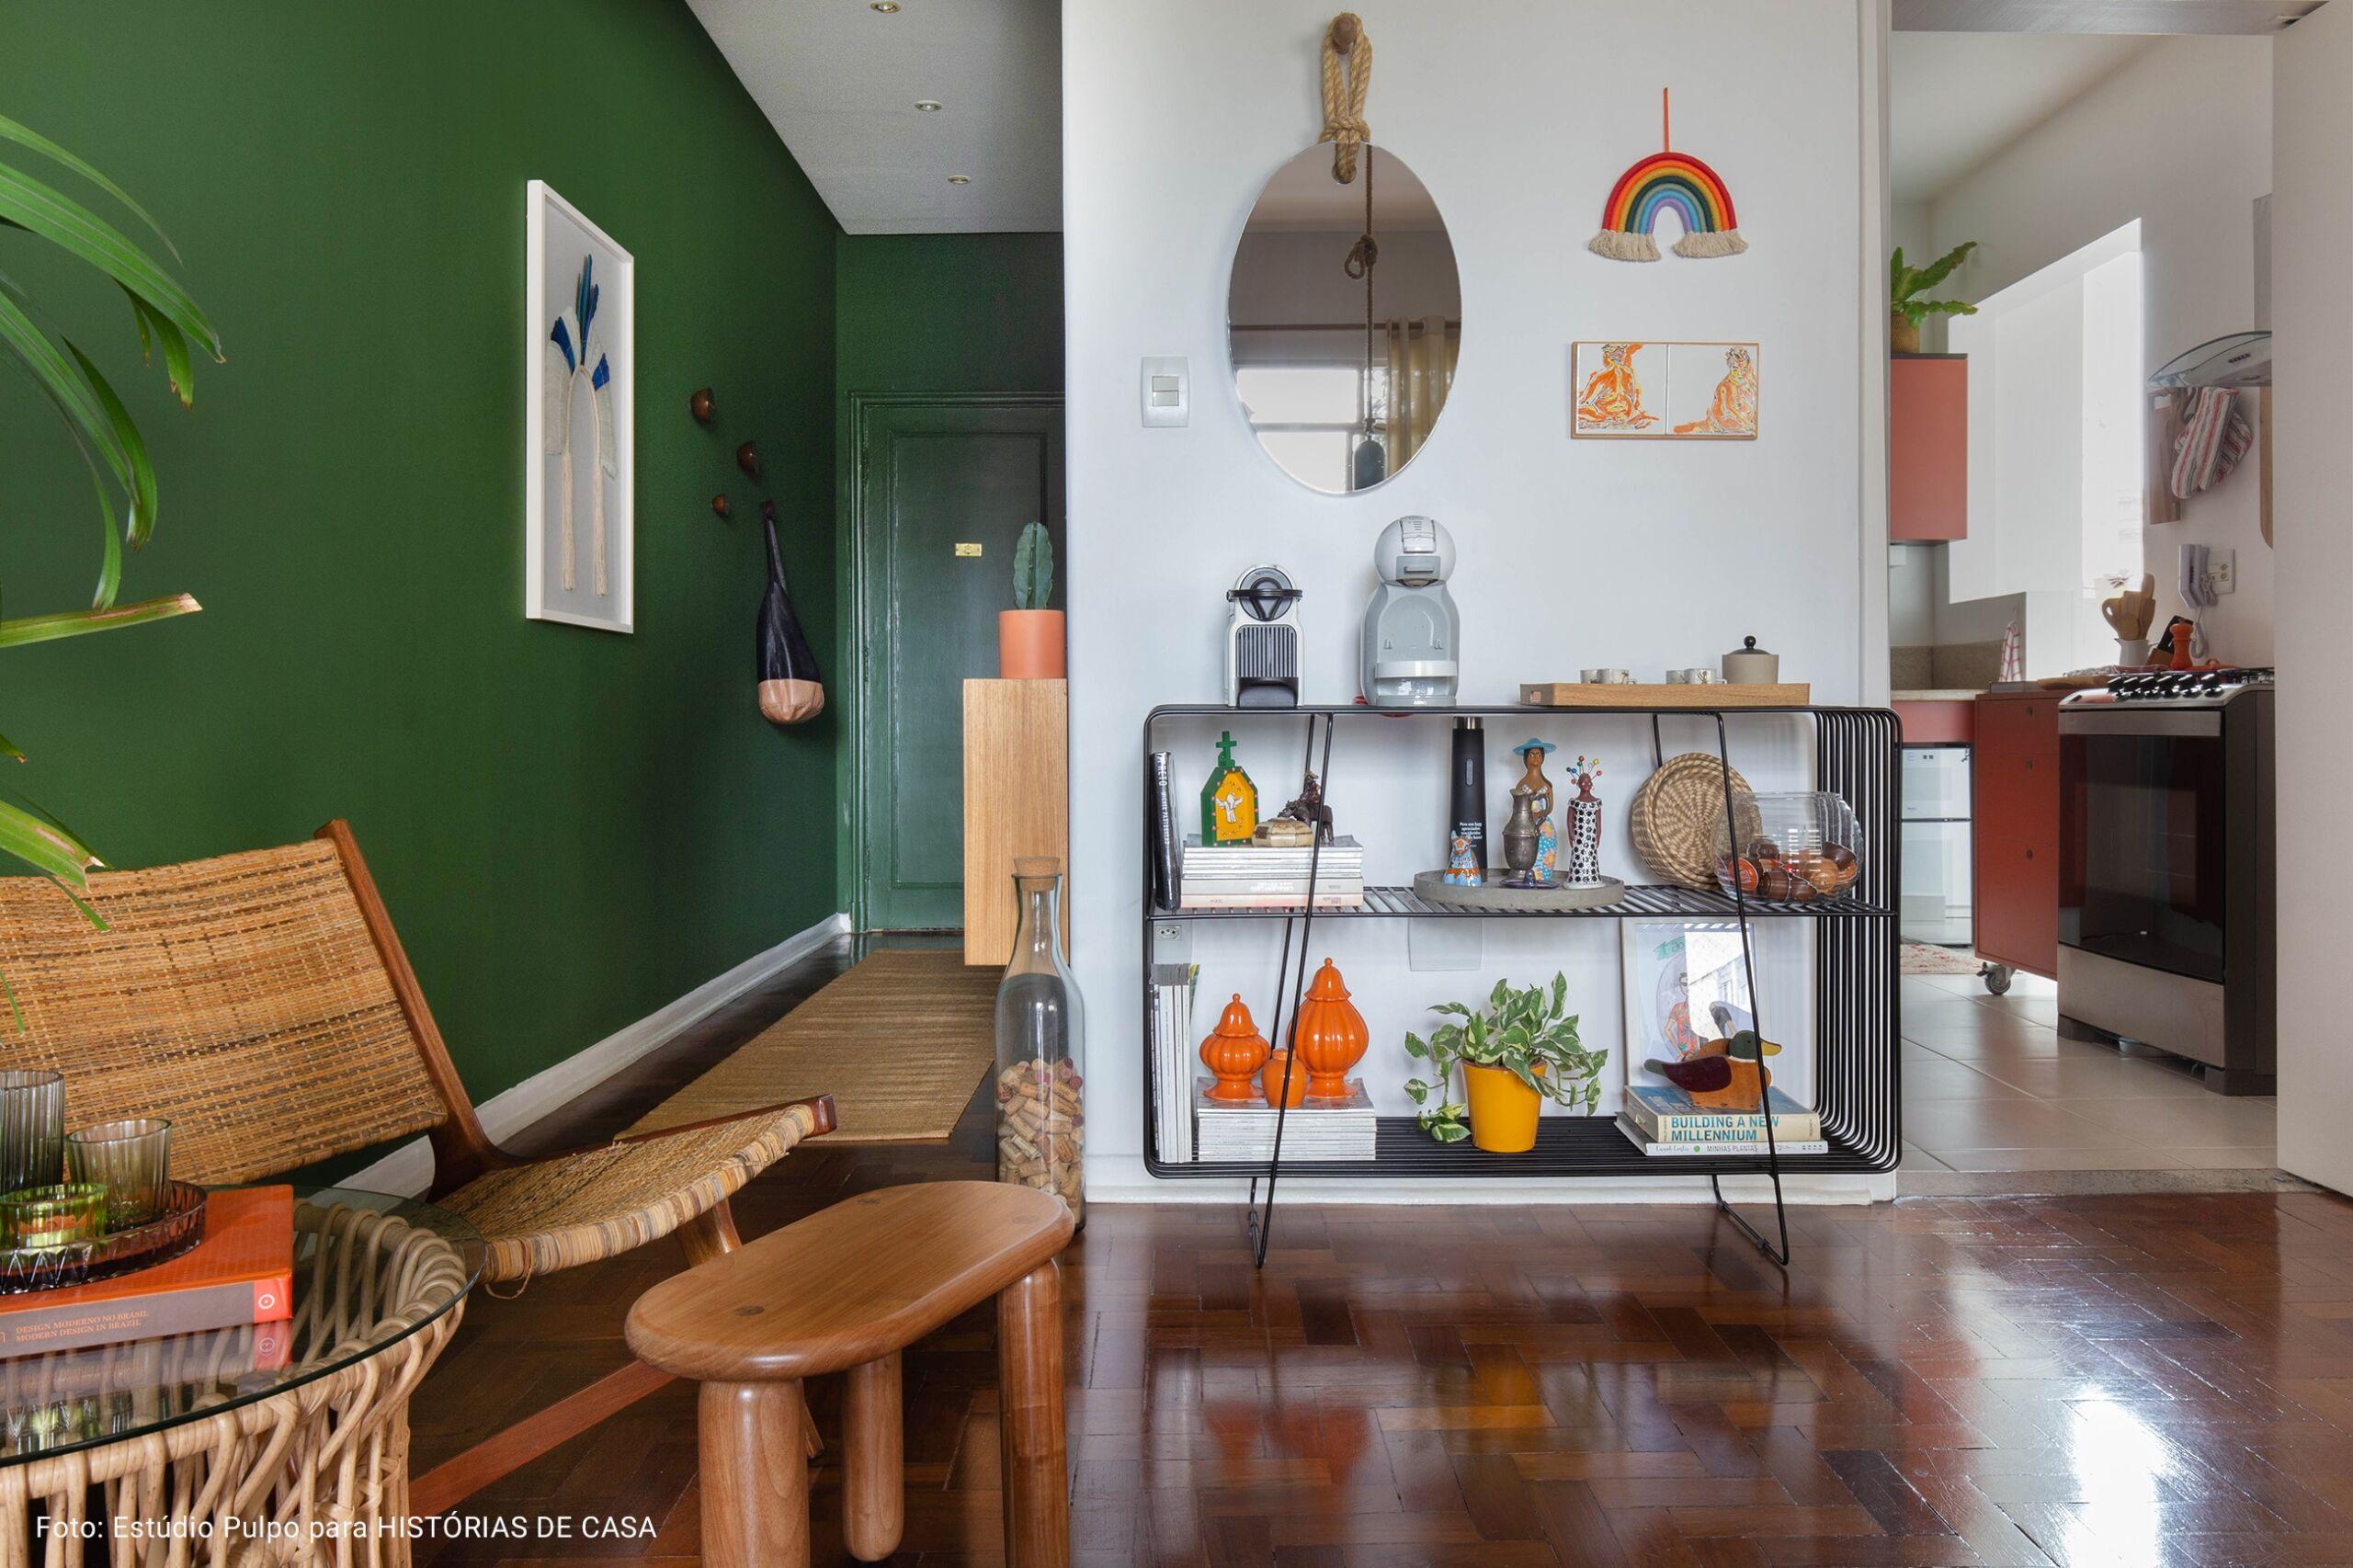 sala com corredor verde musgo